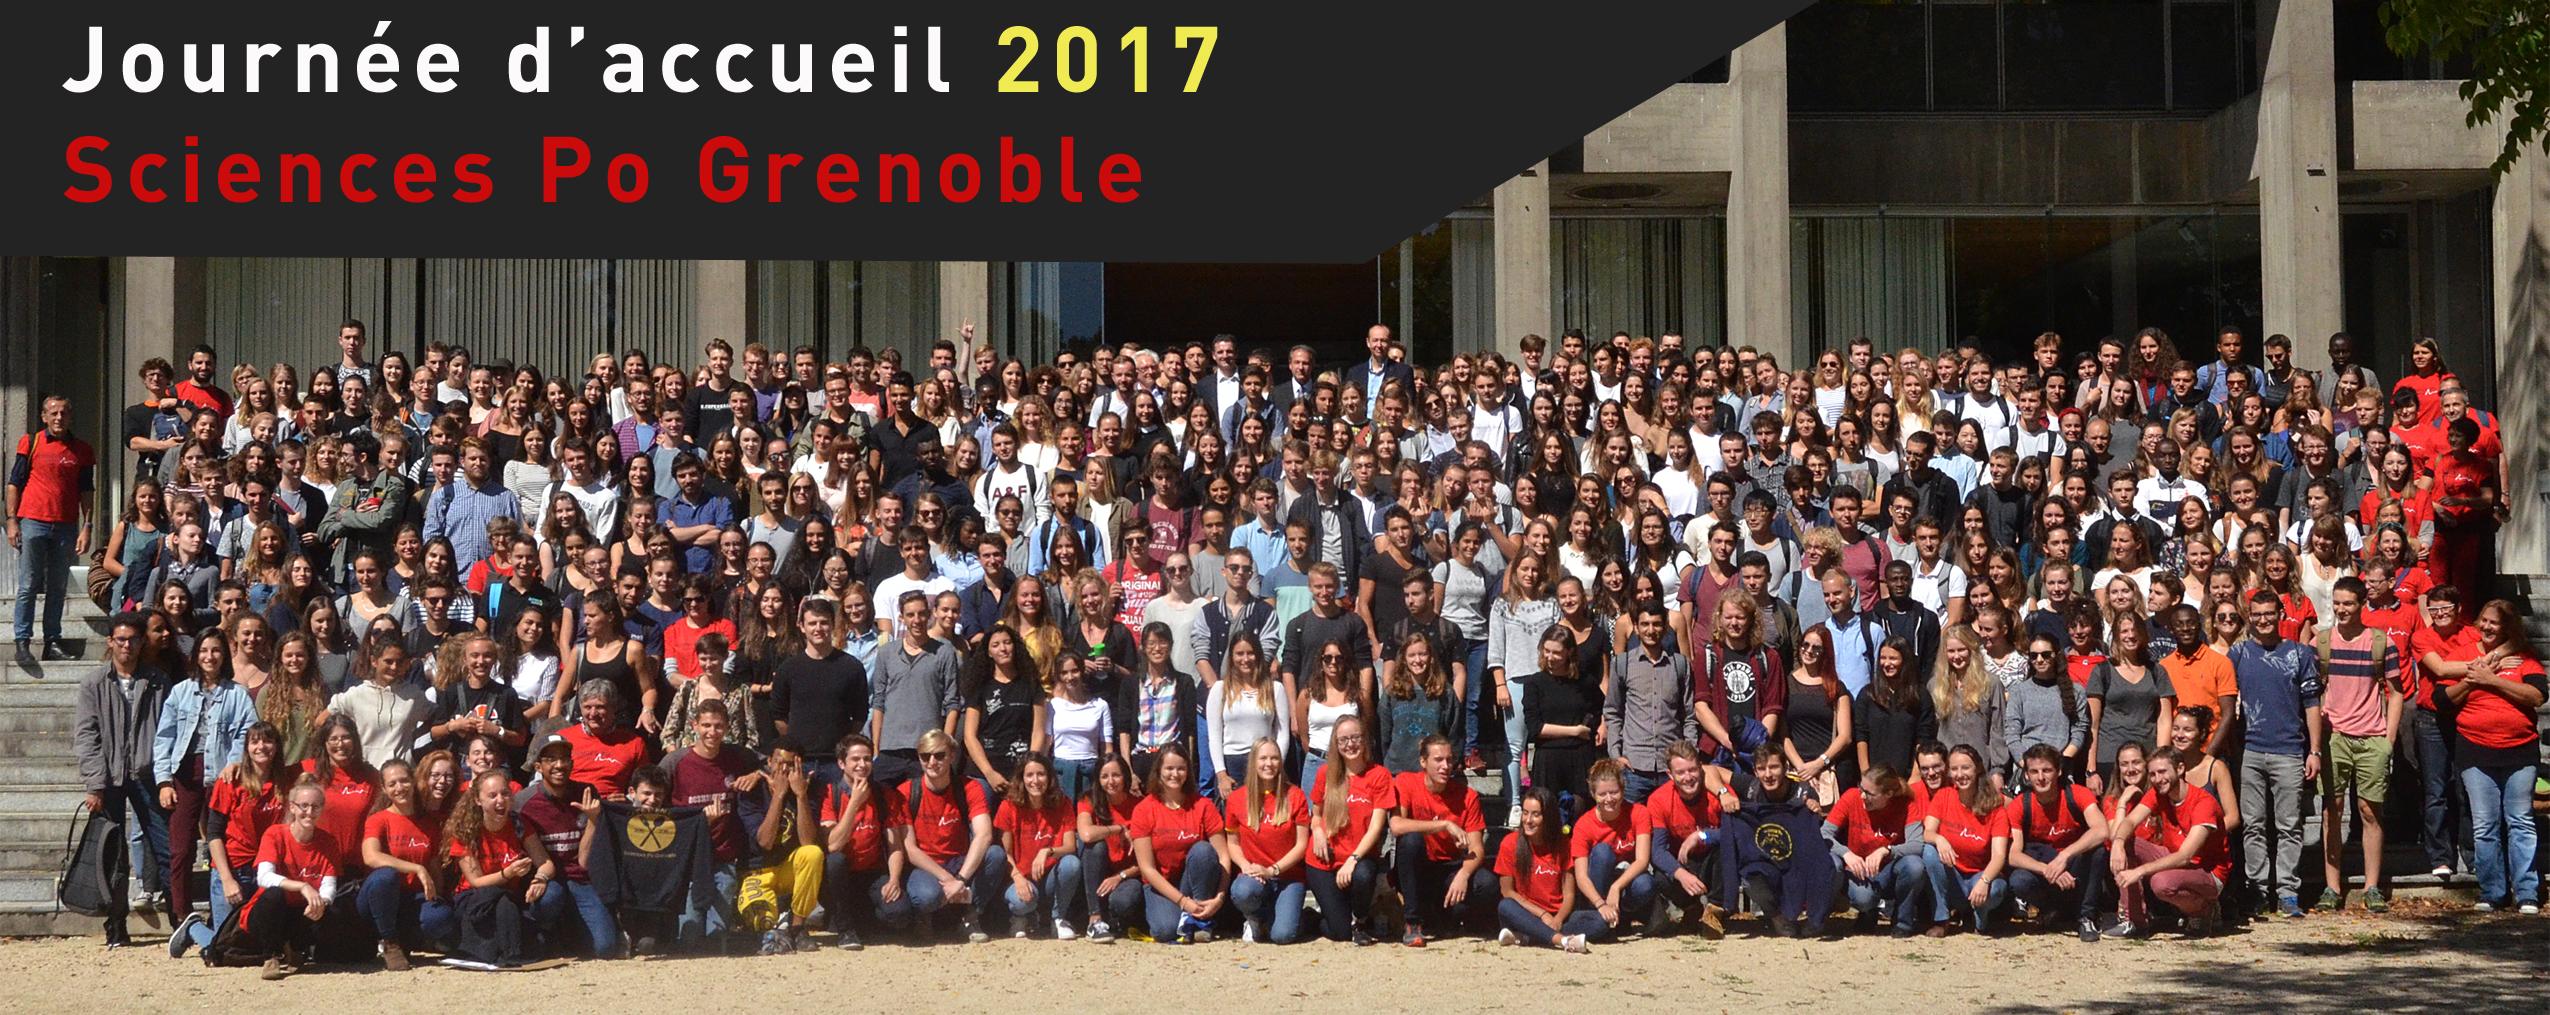 Journée_accueil_2017